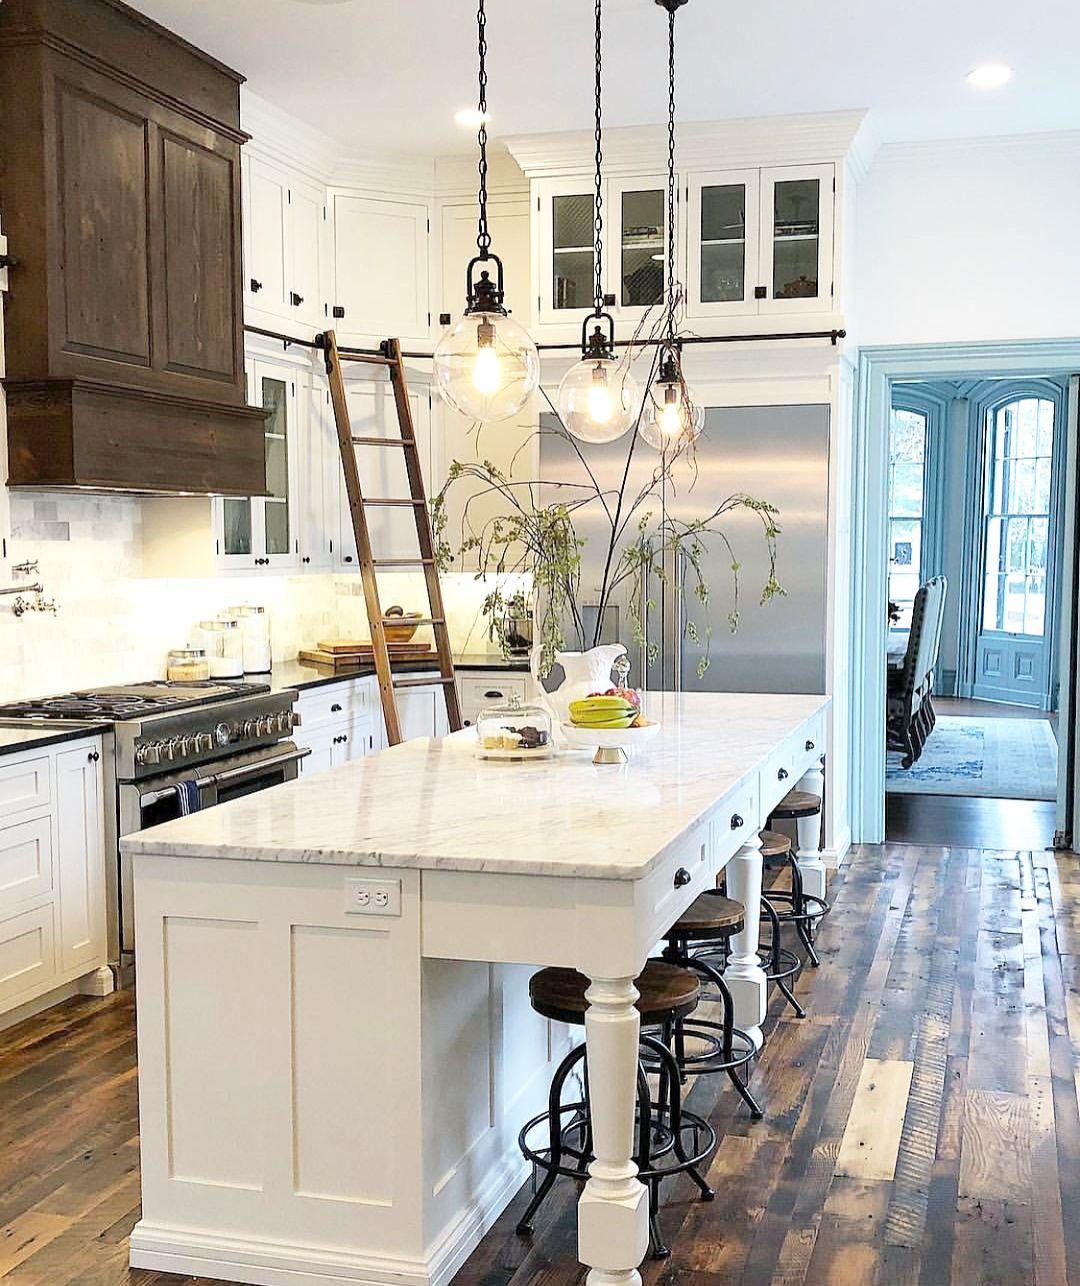 Pin von Debbie Arlinghaus auf Kitchens | Pinterest | Küche, Wein und ...